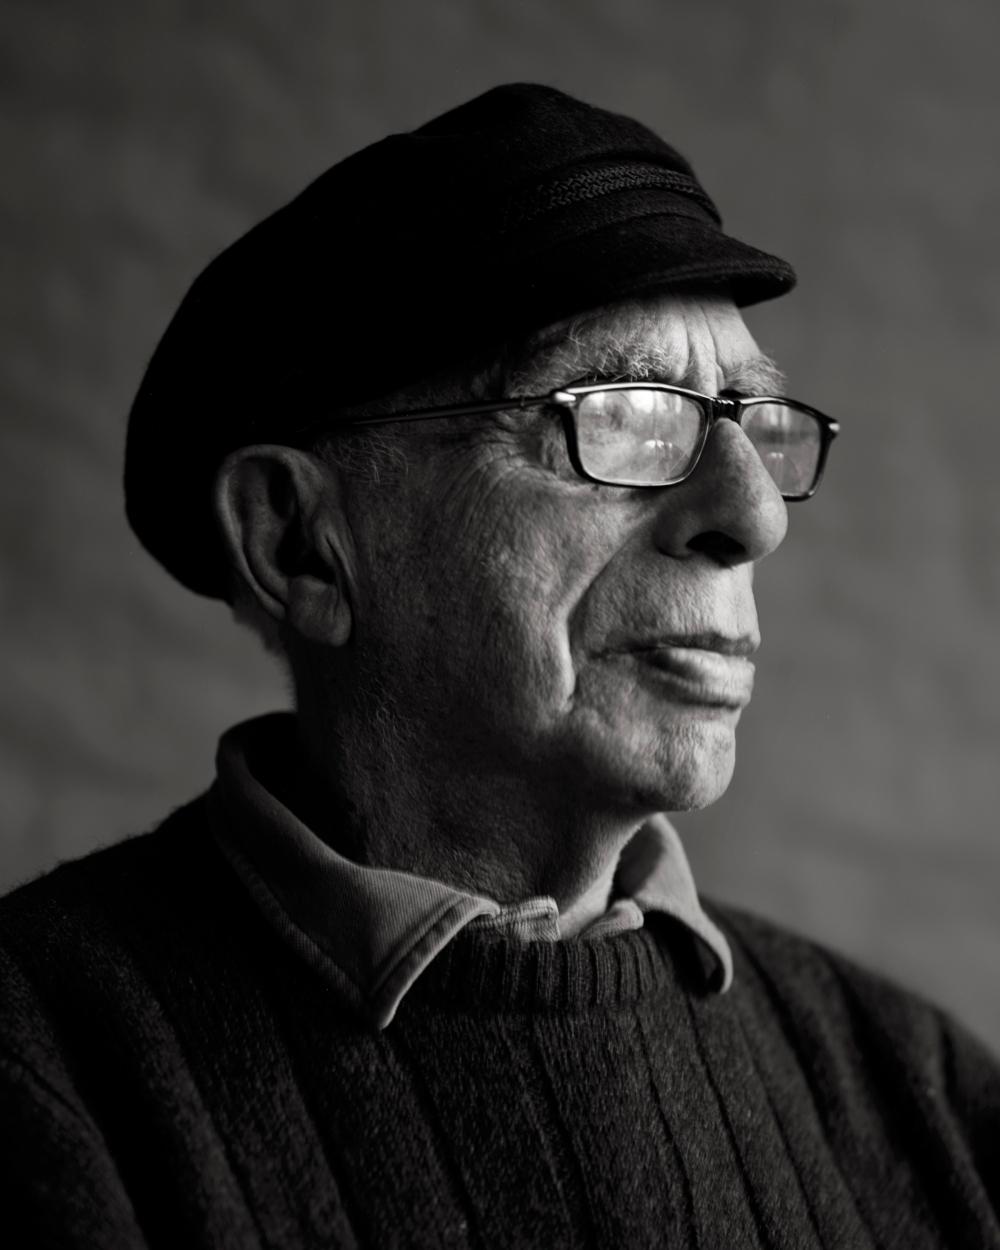 Bernard Kops